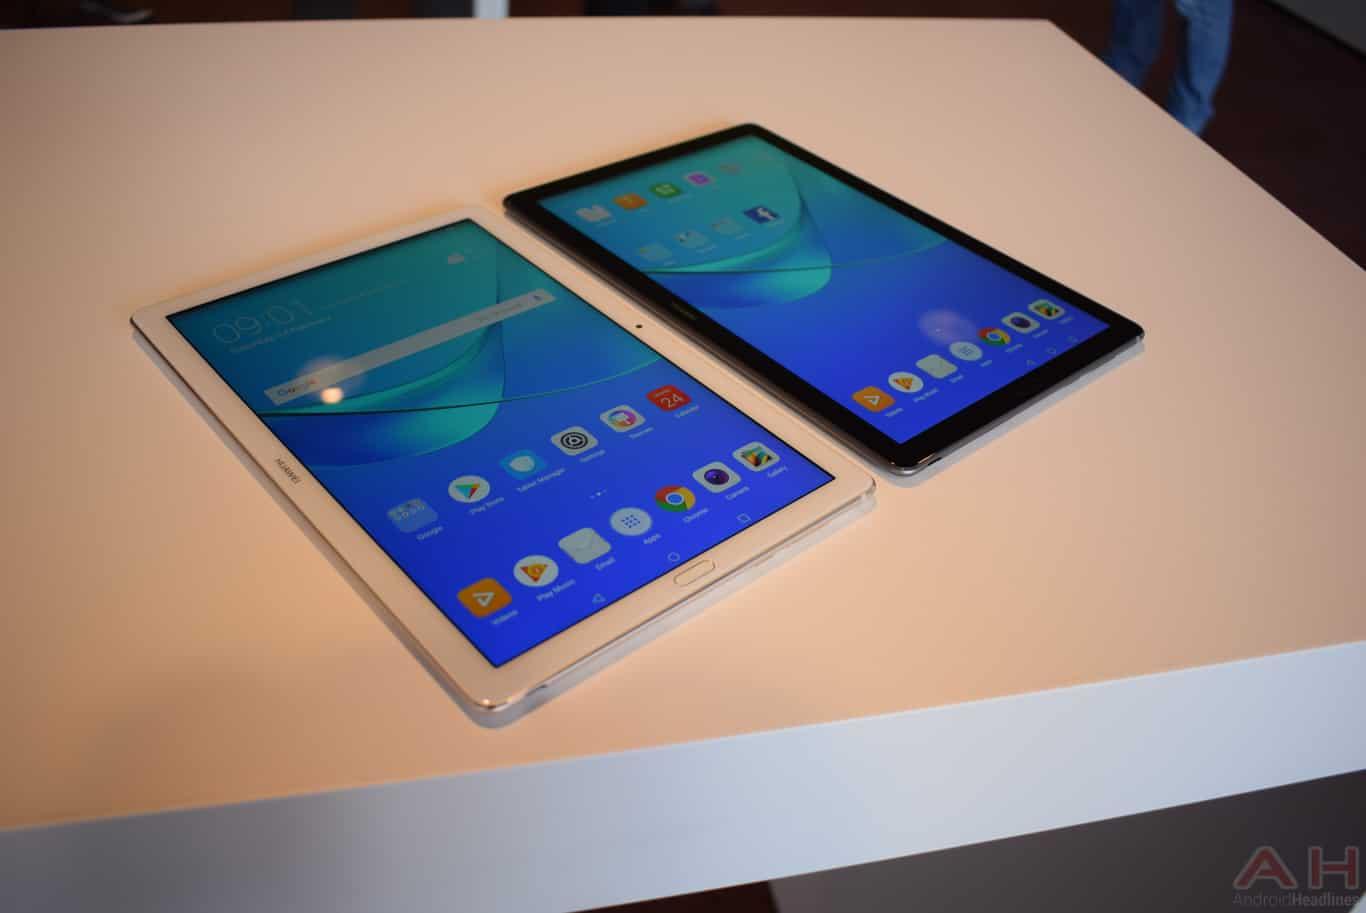 Huawei MediaPad M5 MWC 18 AM AH 7